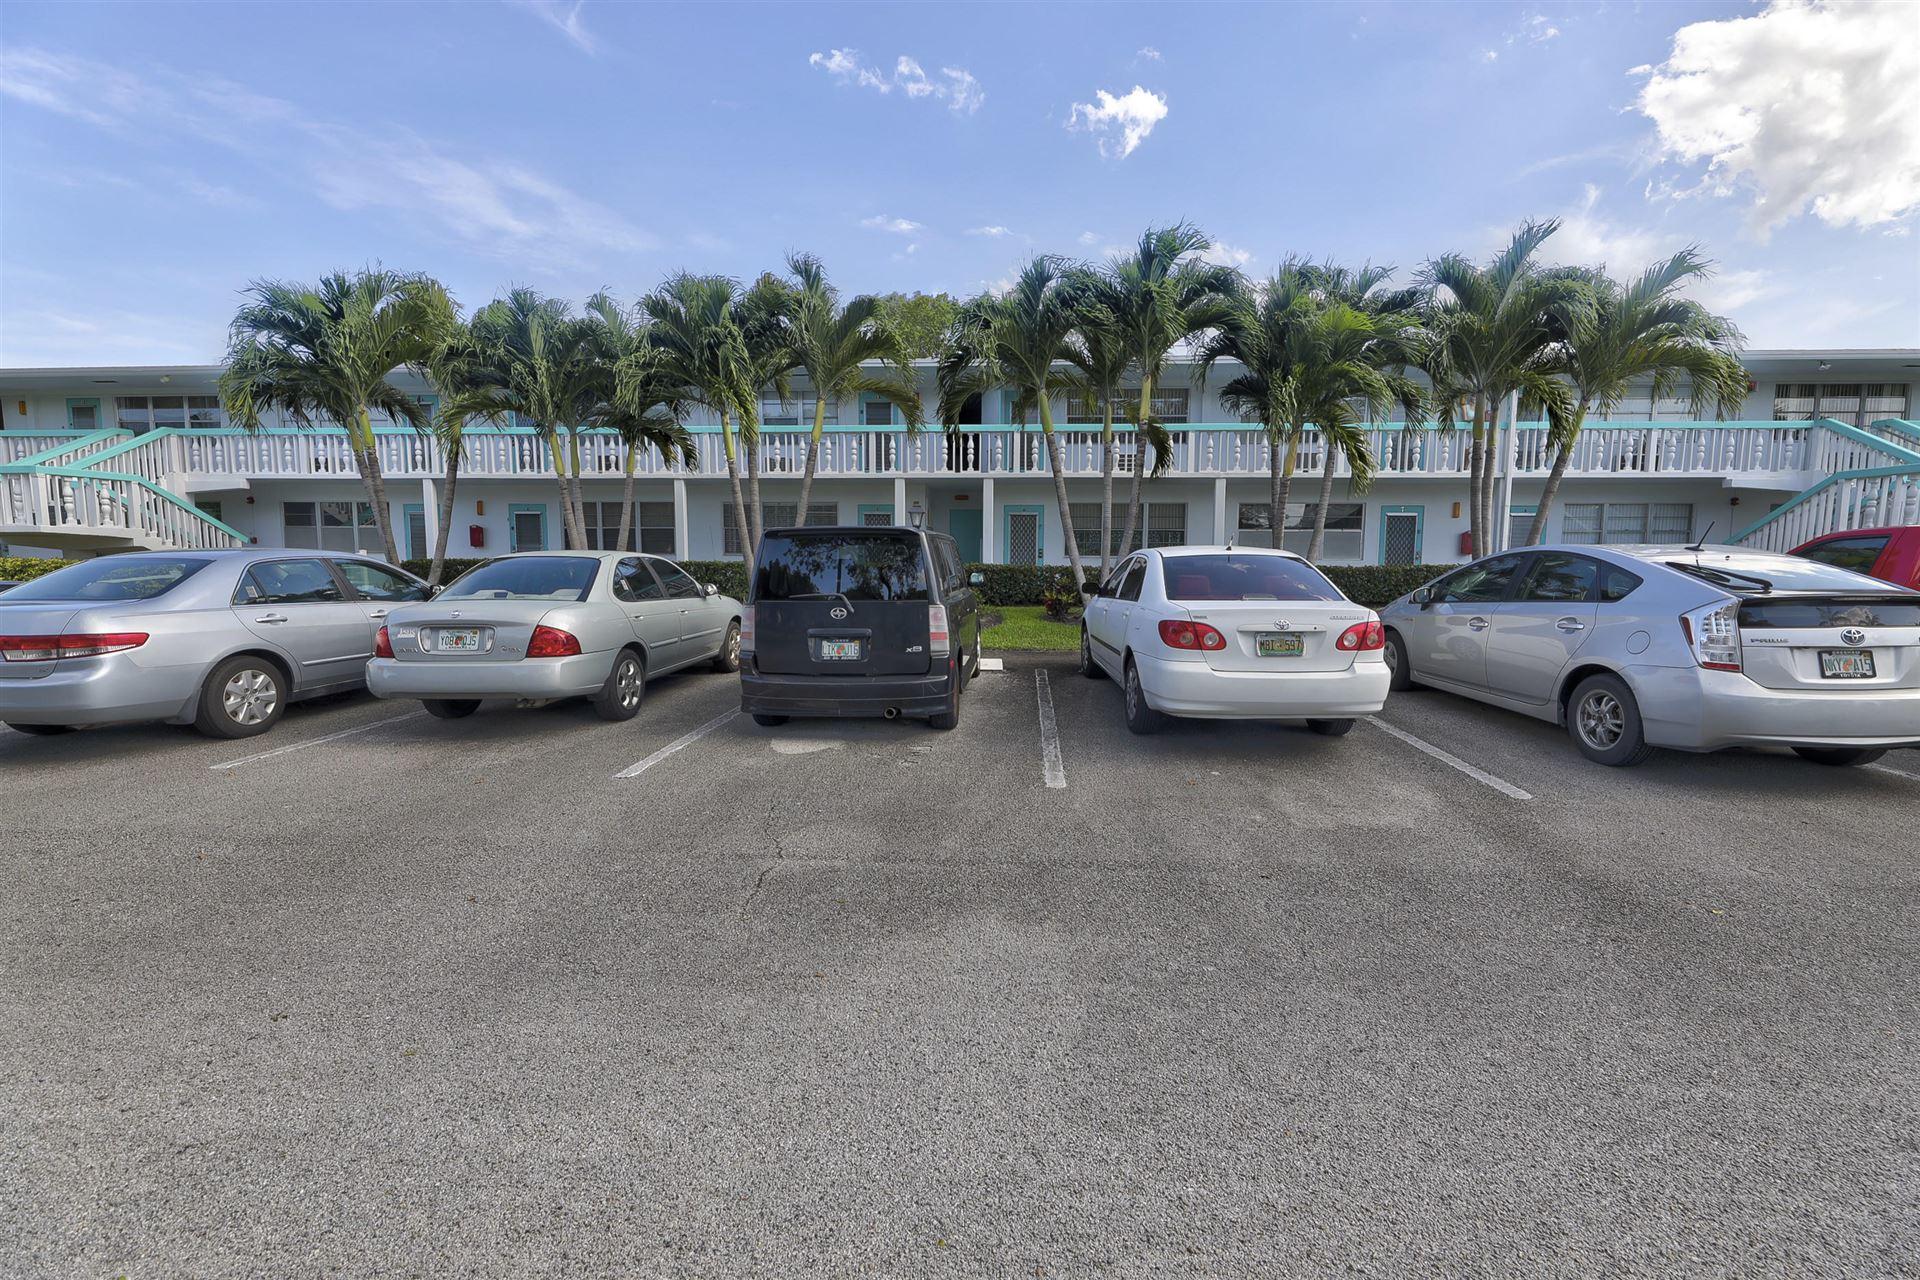 11 Newport A Crescent #A, Deerfield Beach, FL 33442 - #: RX-10621151